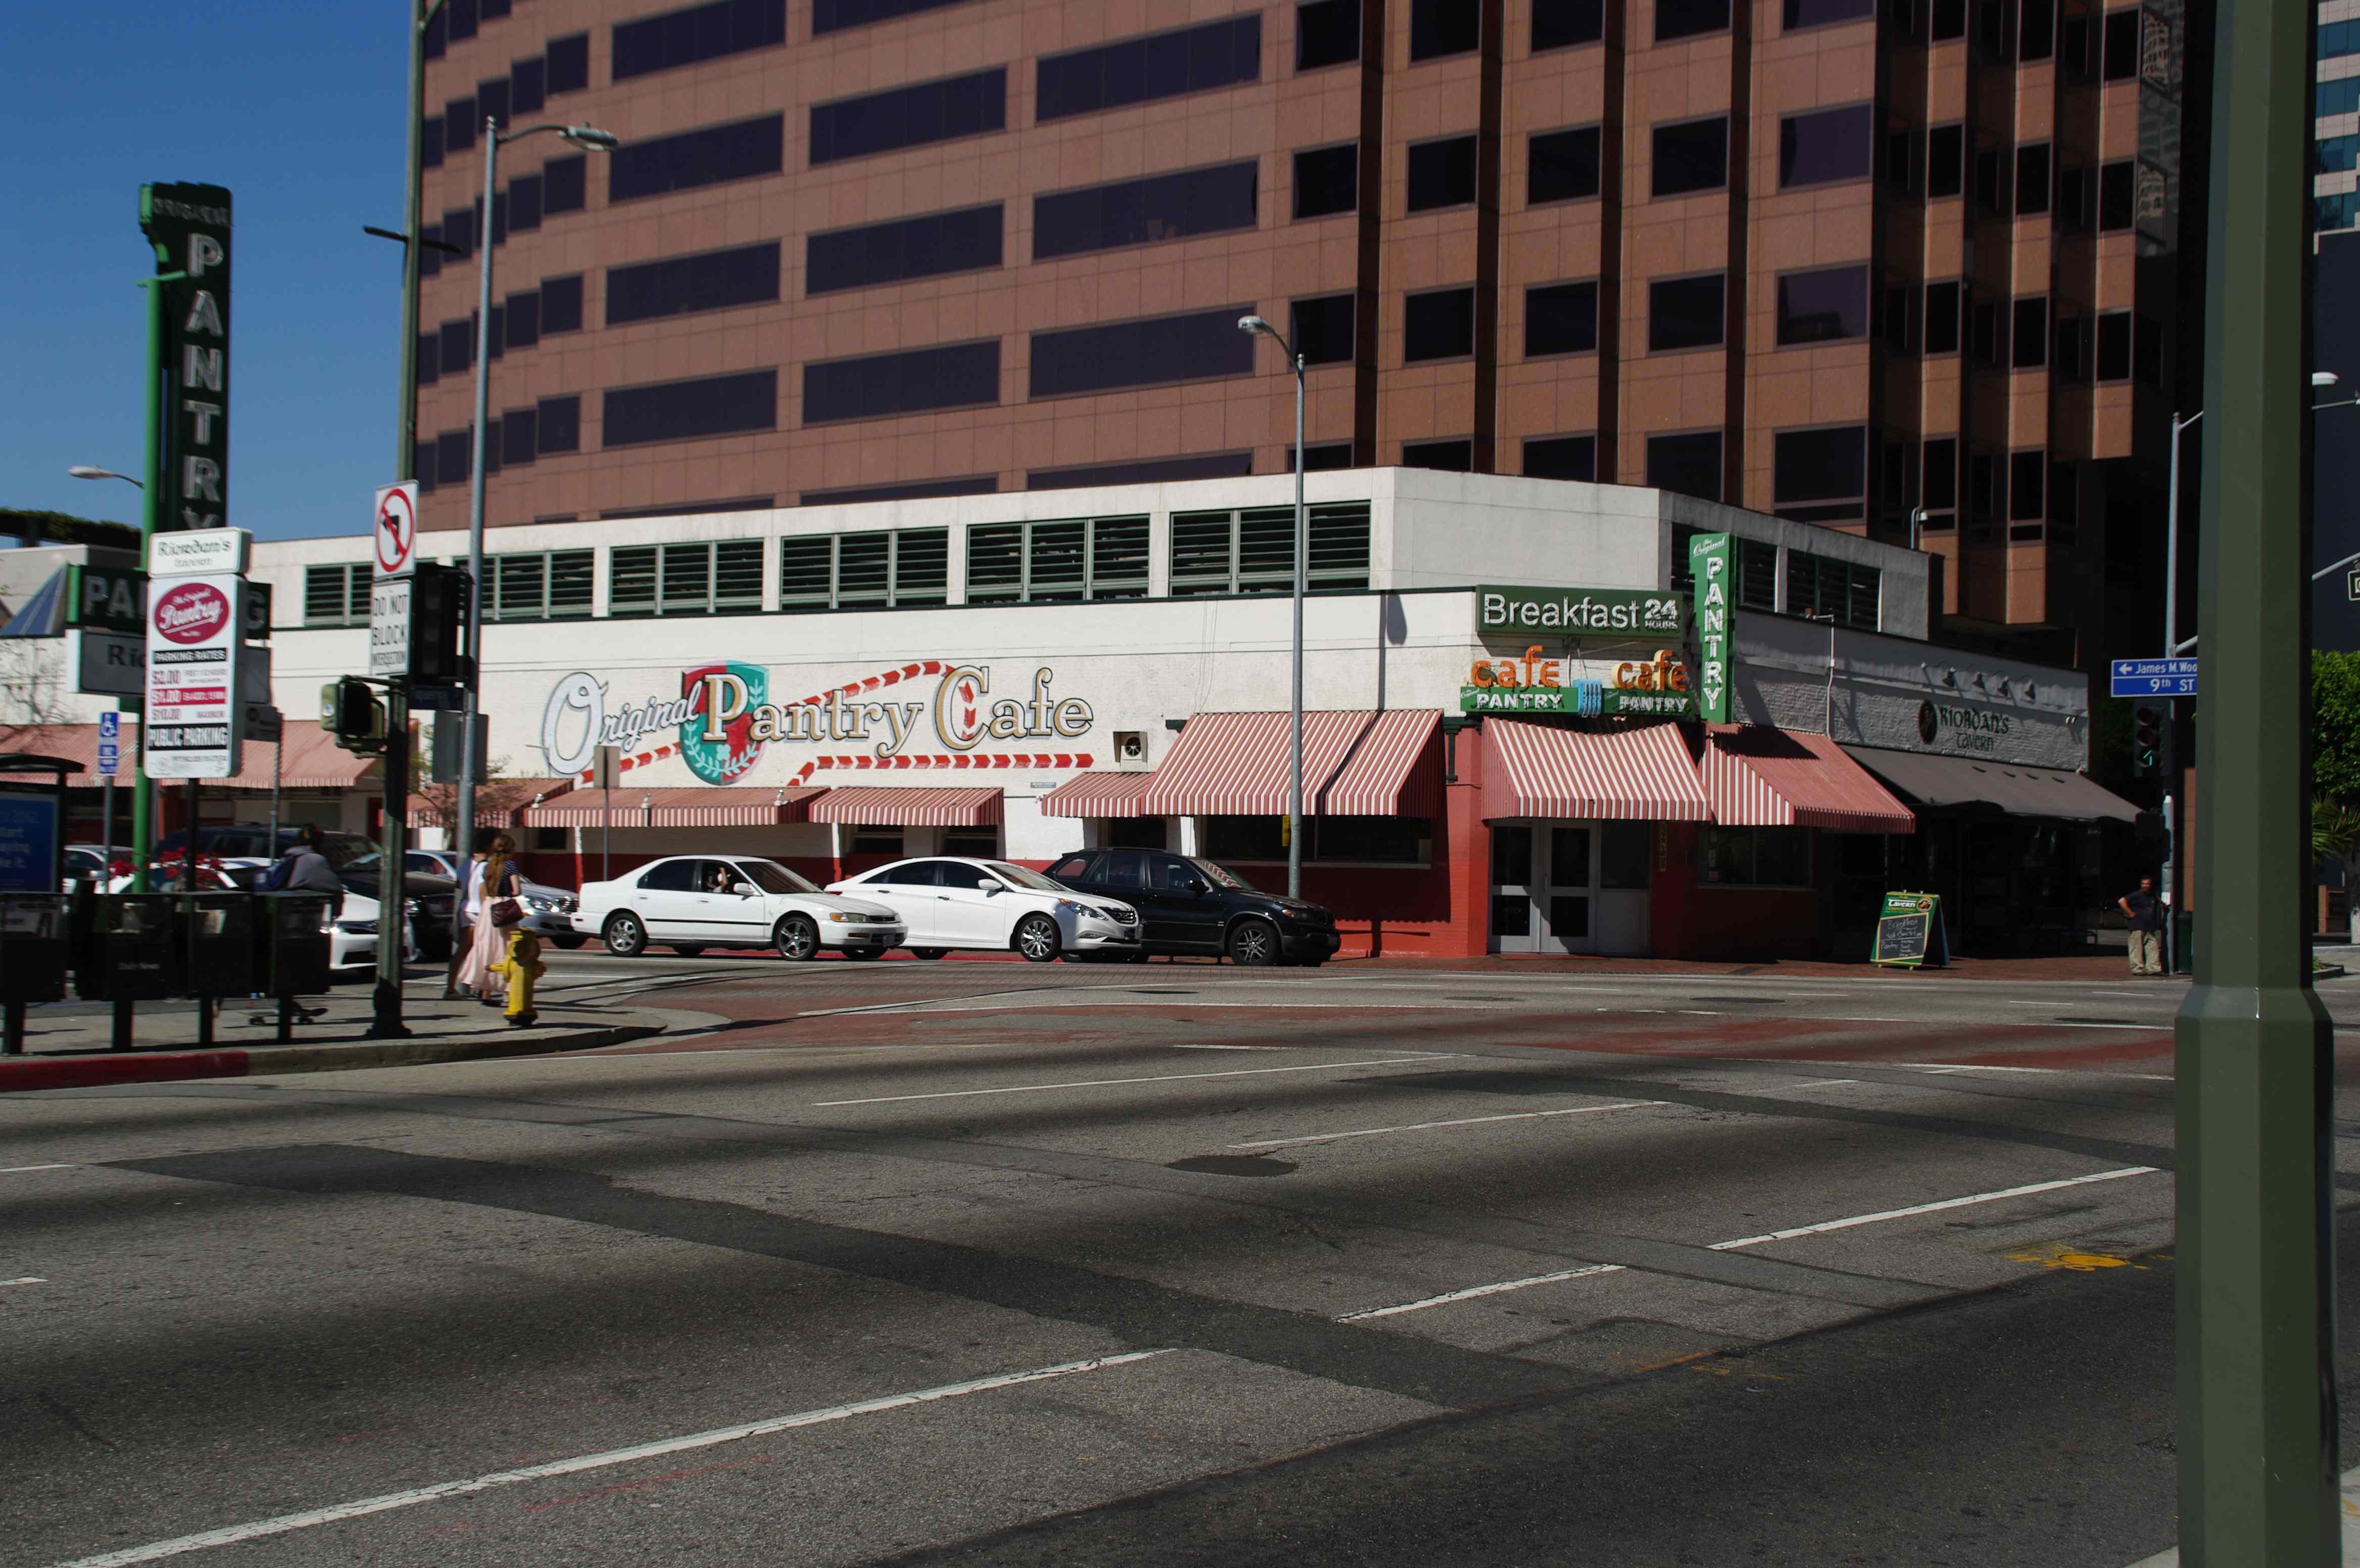 The Original Pantry Cafe Los Angeles, CA 90017   YP.com